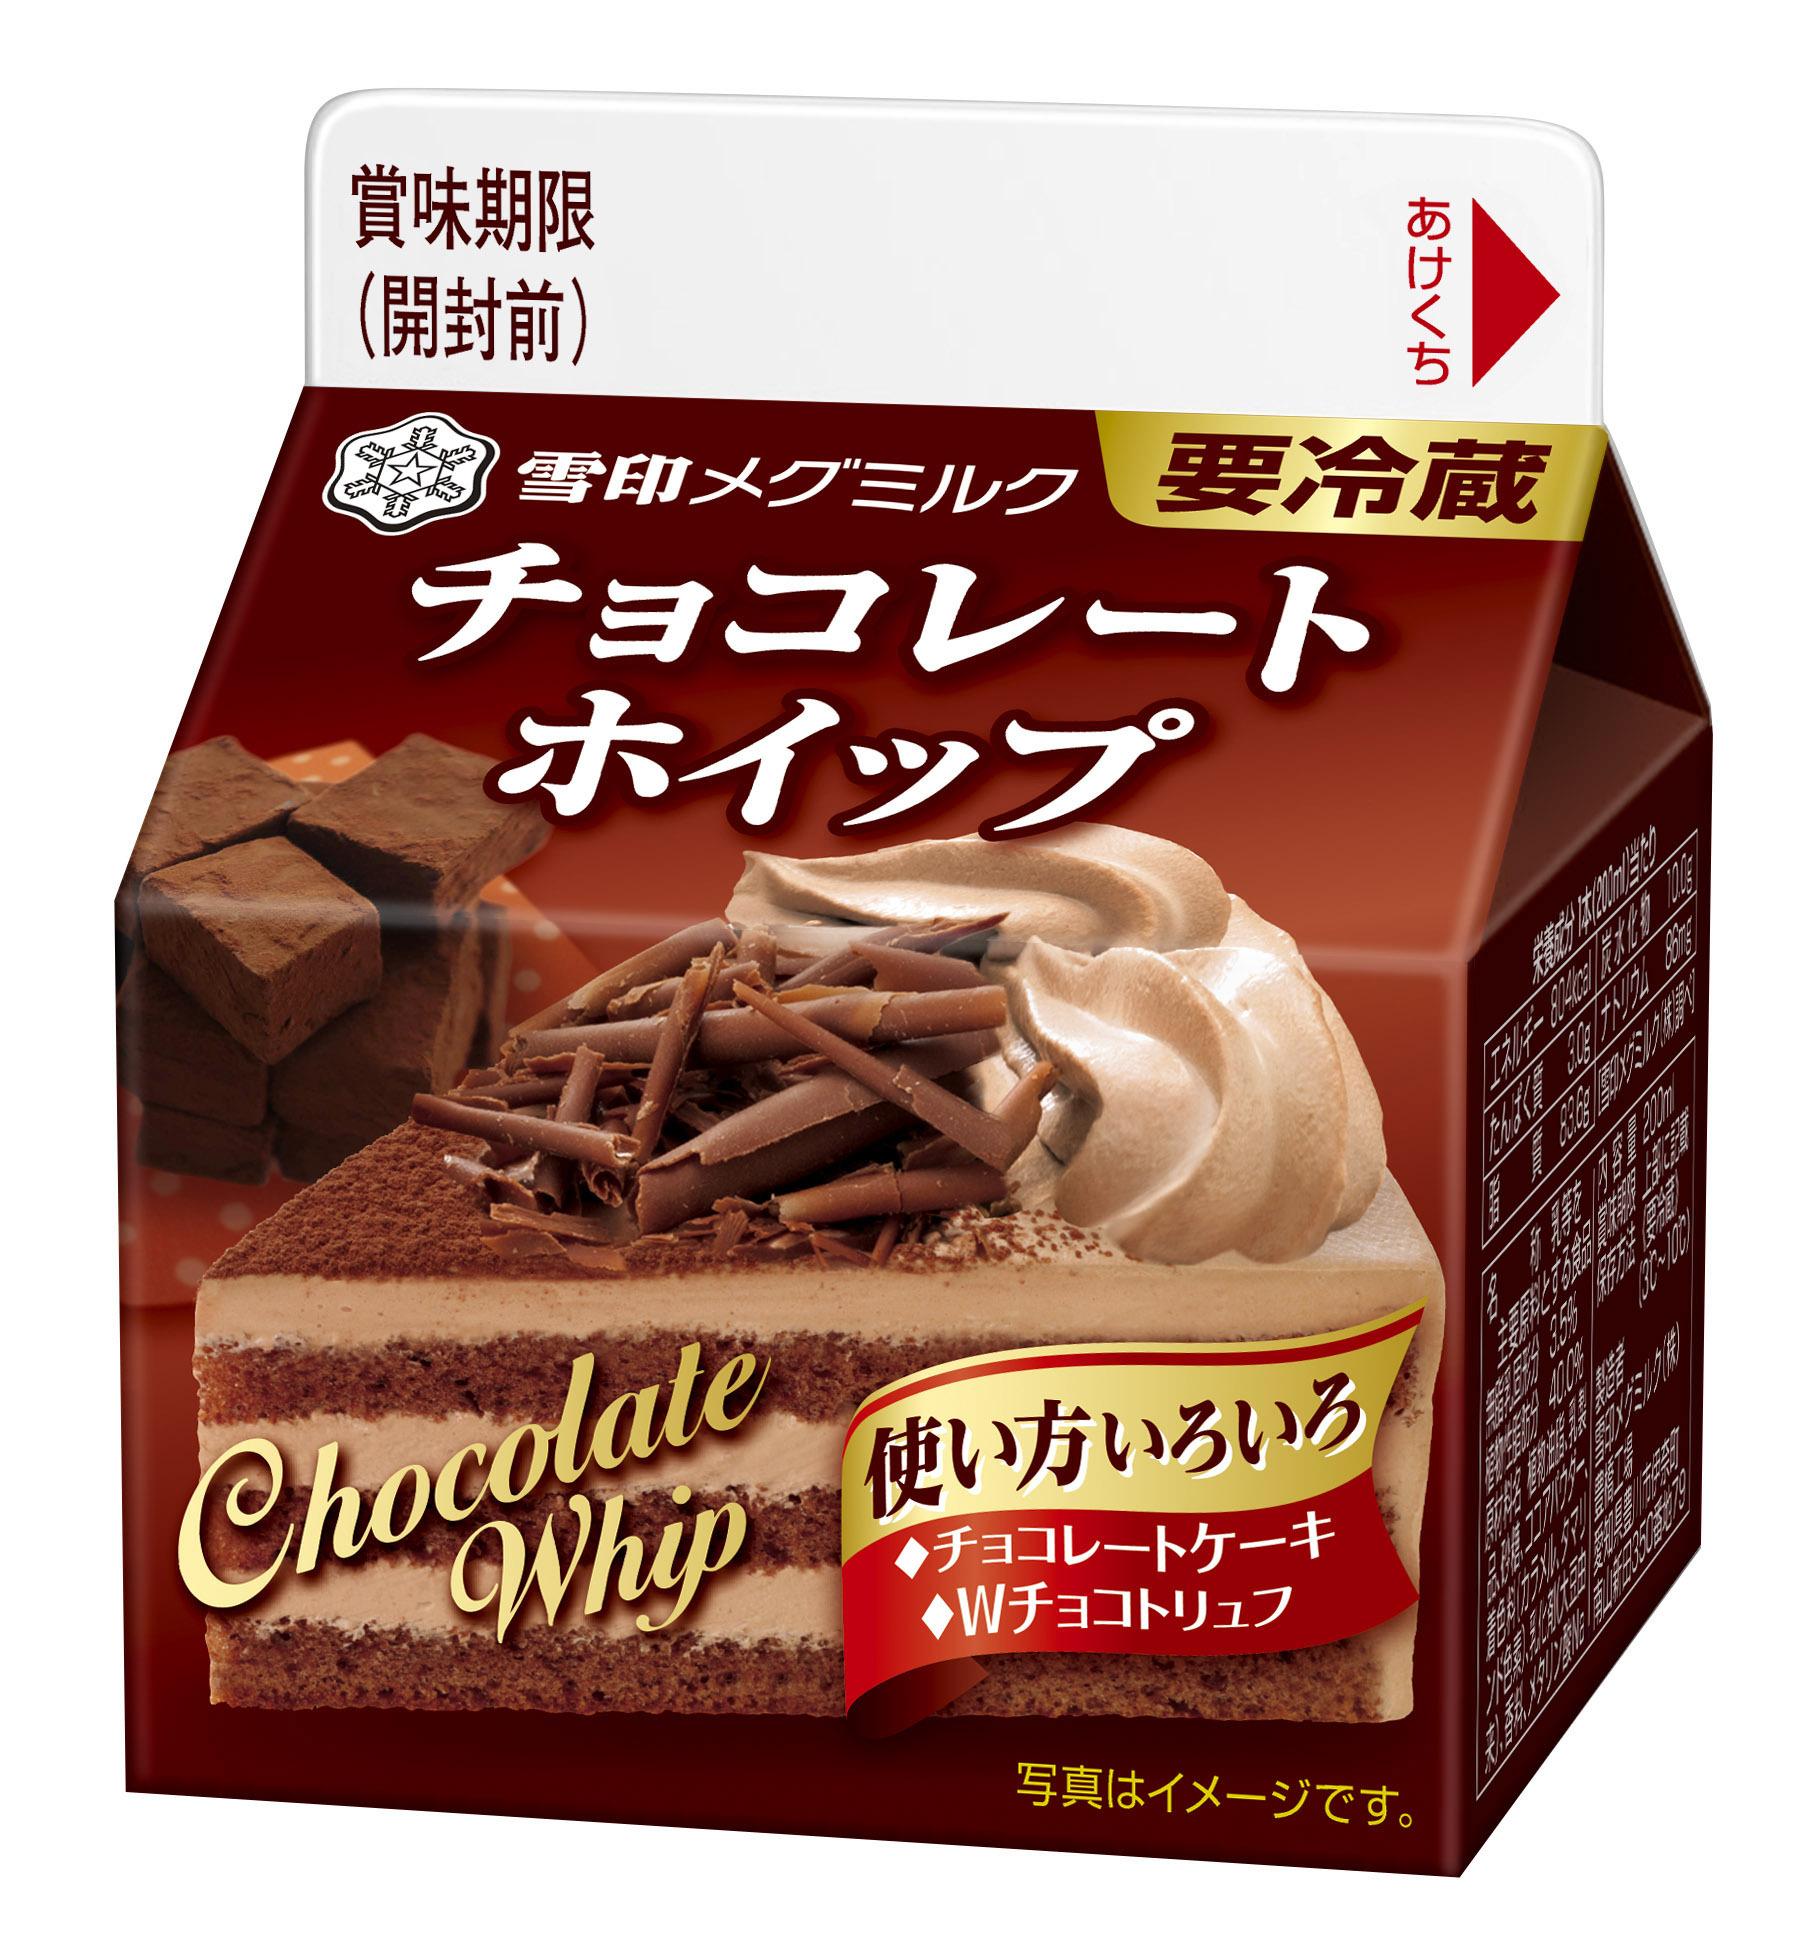 よりより チョコ